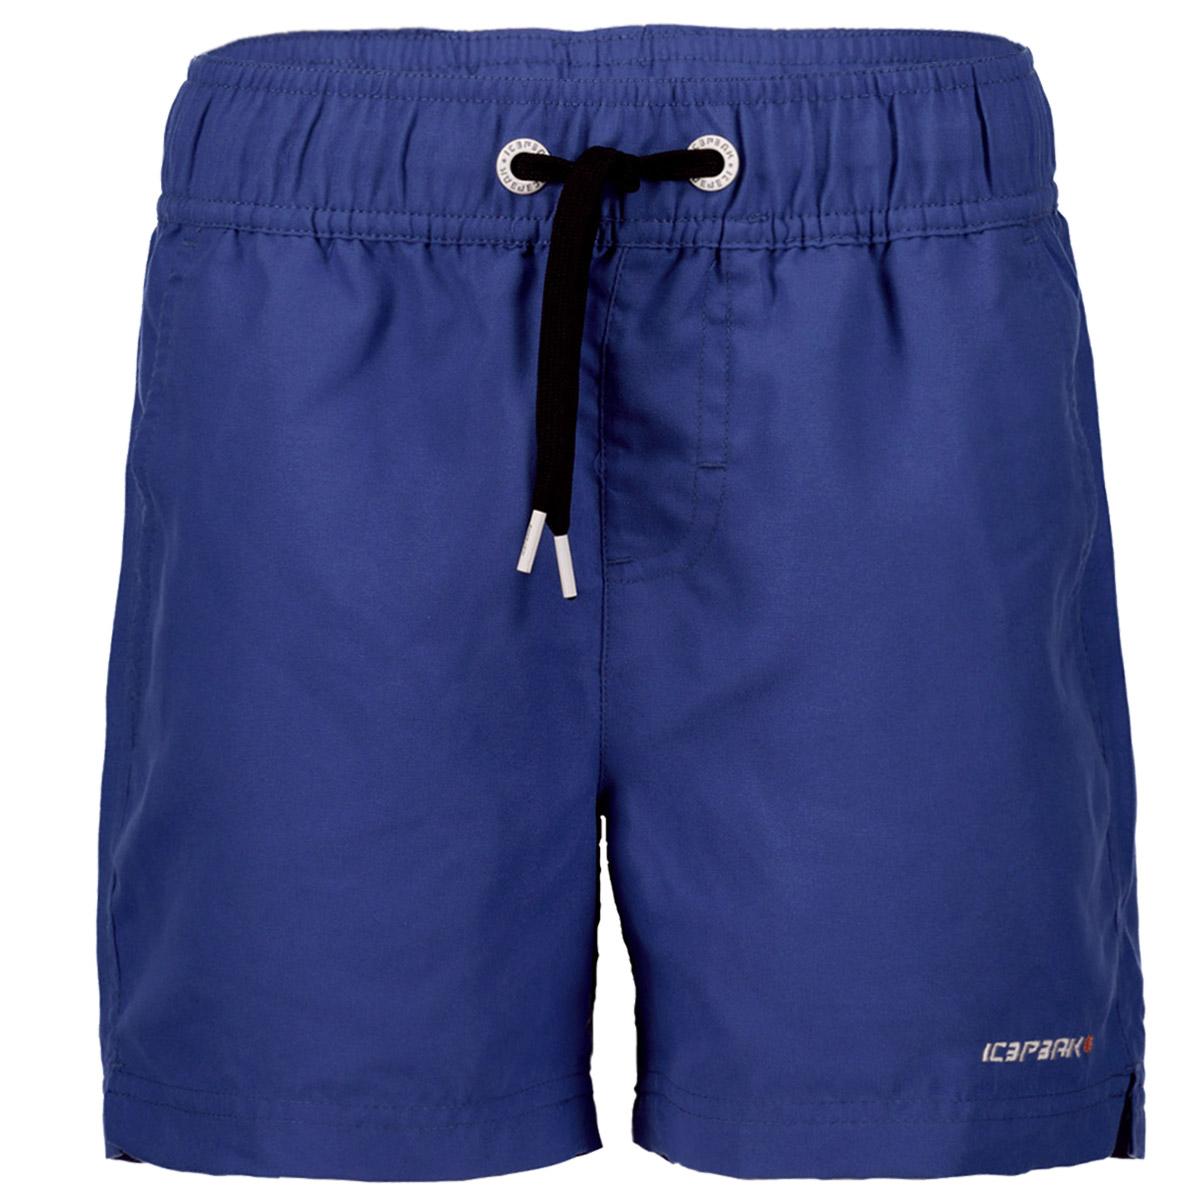 8be22ab8423397 Zwembroeken voor jongens bestel je online bij